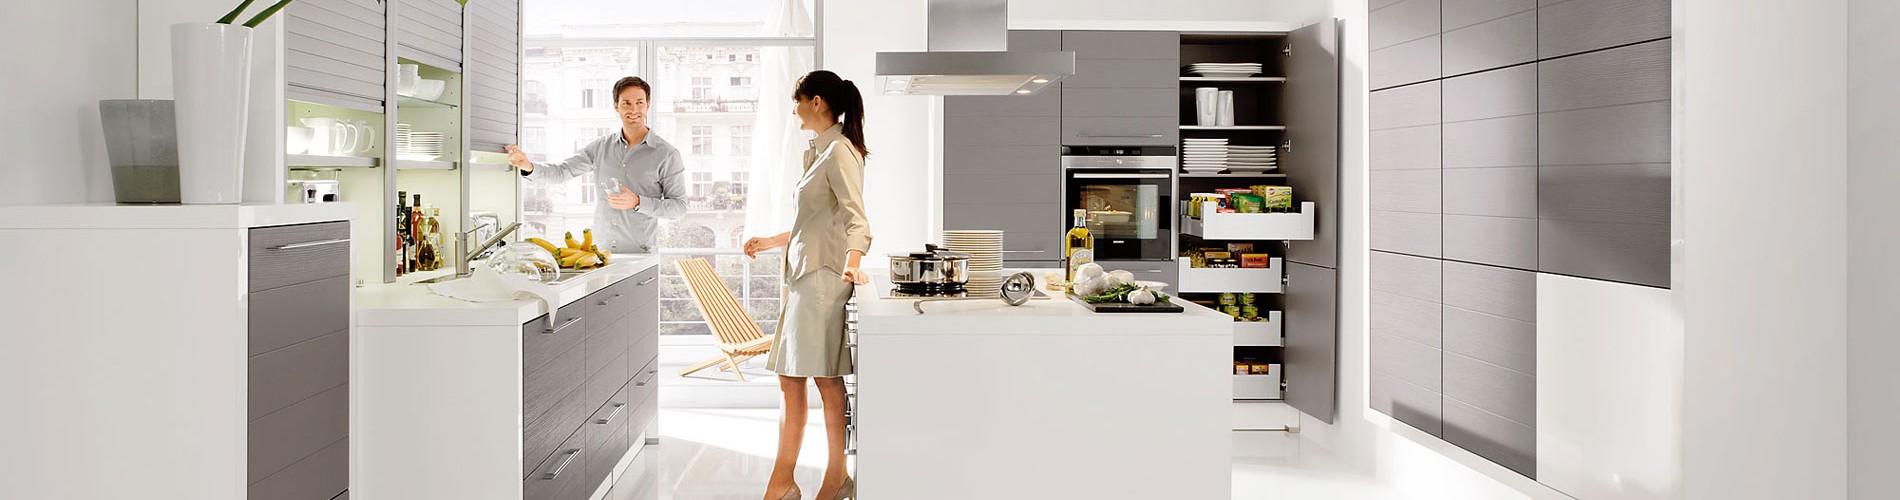 Nutzen Sie exklusive Vorteile für Ihren günstigen Küchenkauf während der Küchen-Sonderverkäufe!